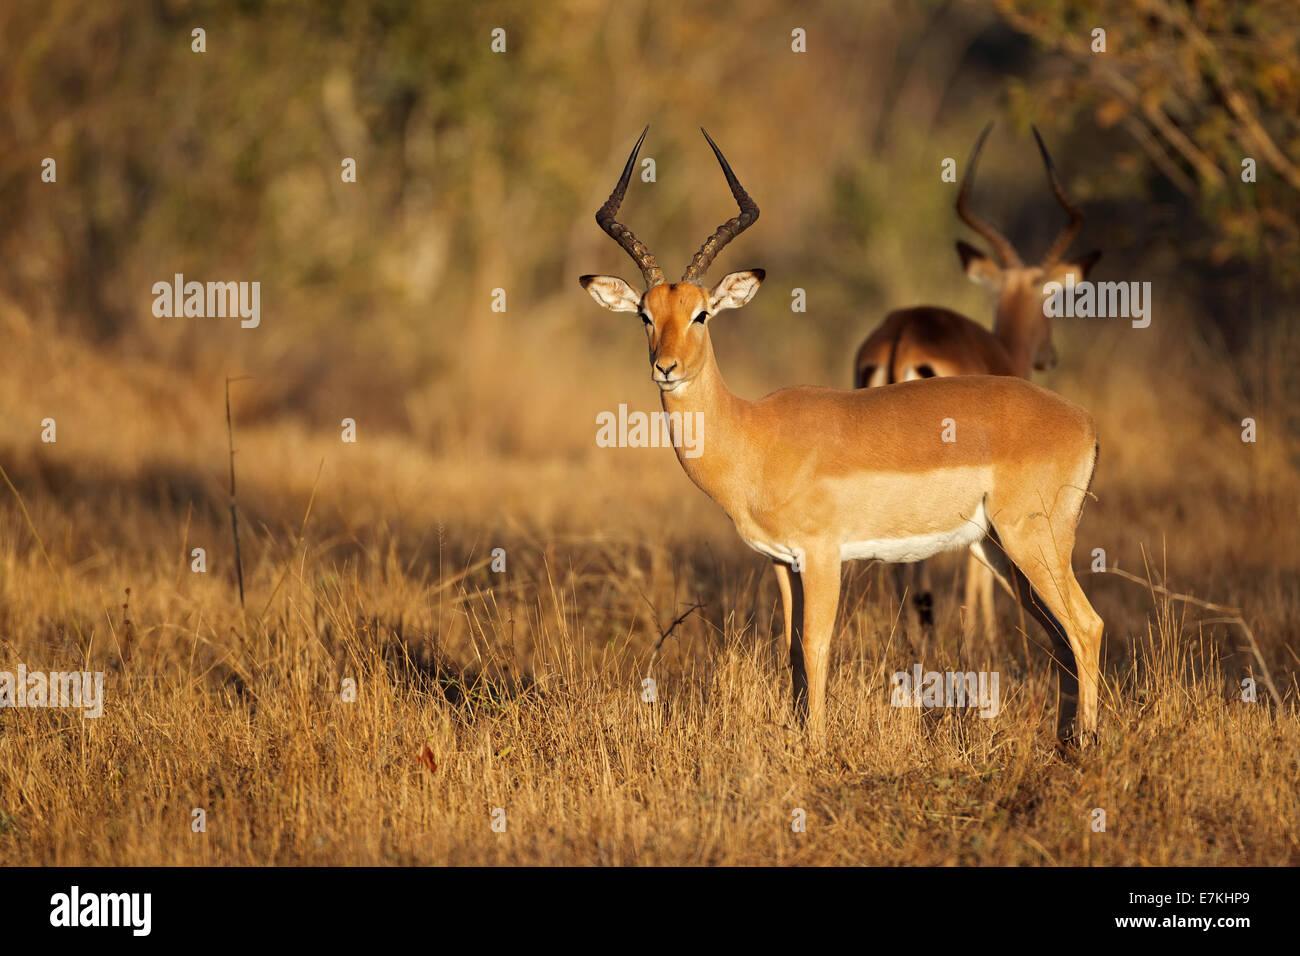 Un mâle antilope Impala (Aepyceros melampus) dans l'habitat naturel, l'Afrique du Sud Photo Stock